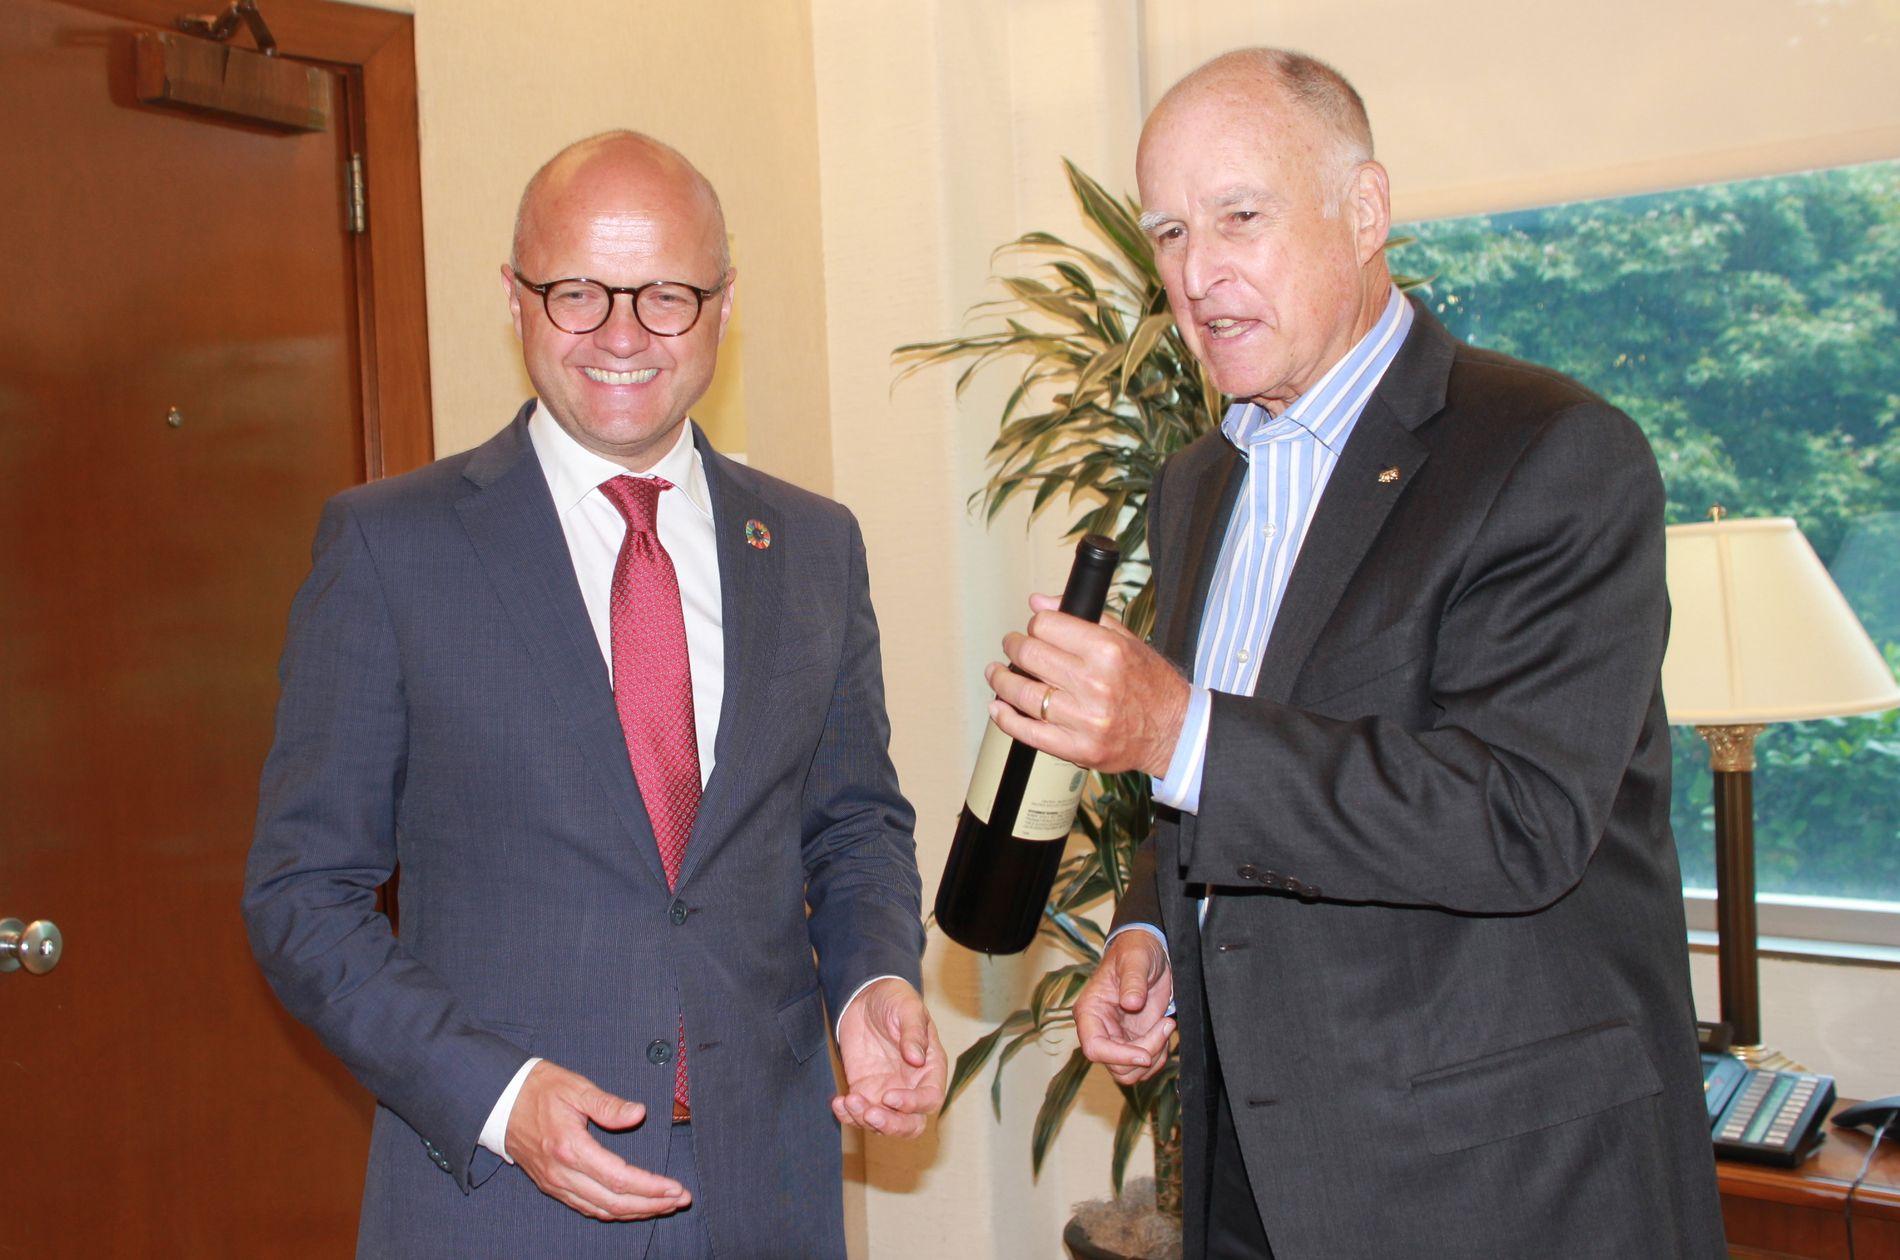 KLIMA-KAMERATER: Californias guvernør Jerry Brown overrekker klimaminister Vidar Helgesen en flaske vin etter signeringen av den historiske avtalen. Foto: ERLEND SKEVIK